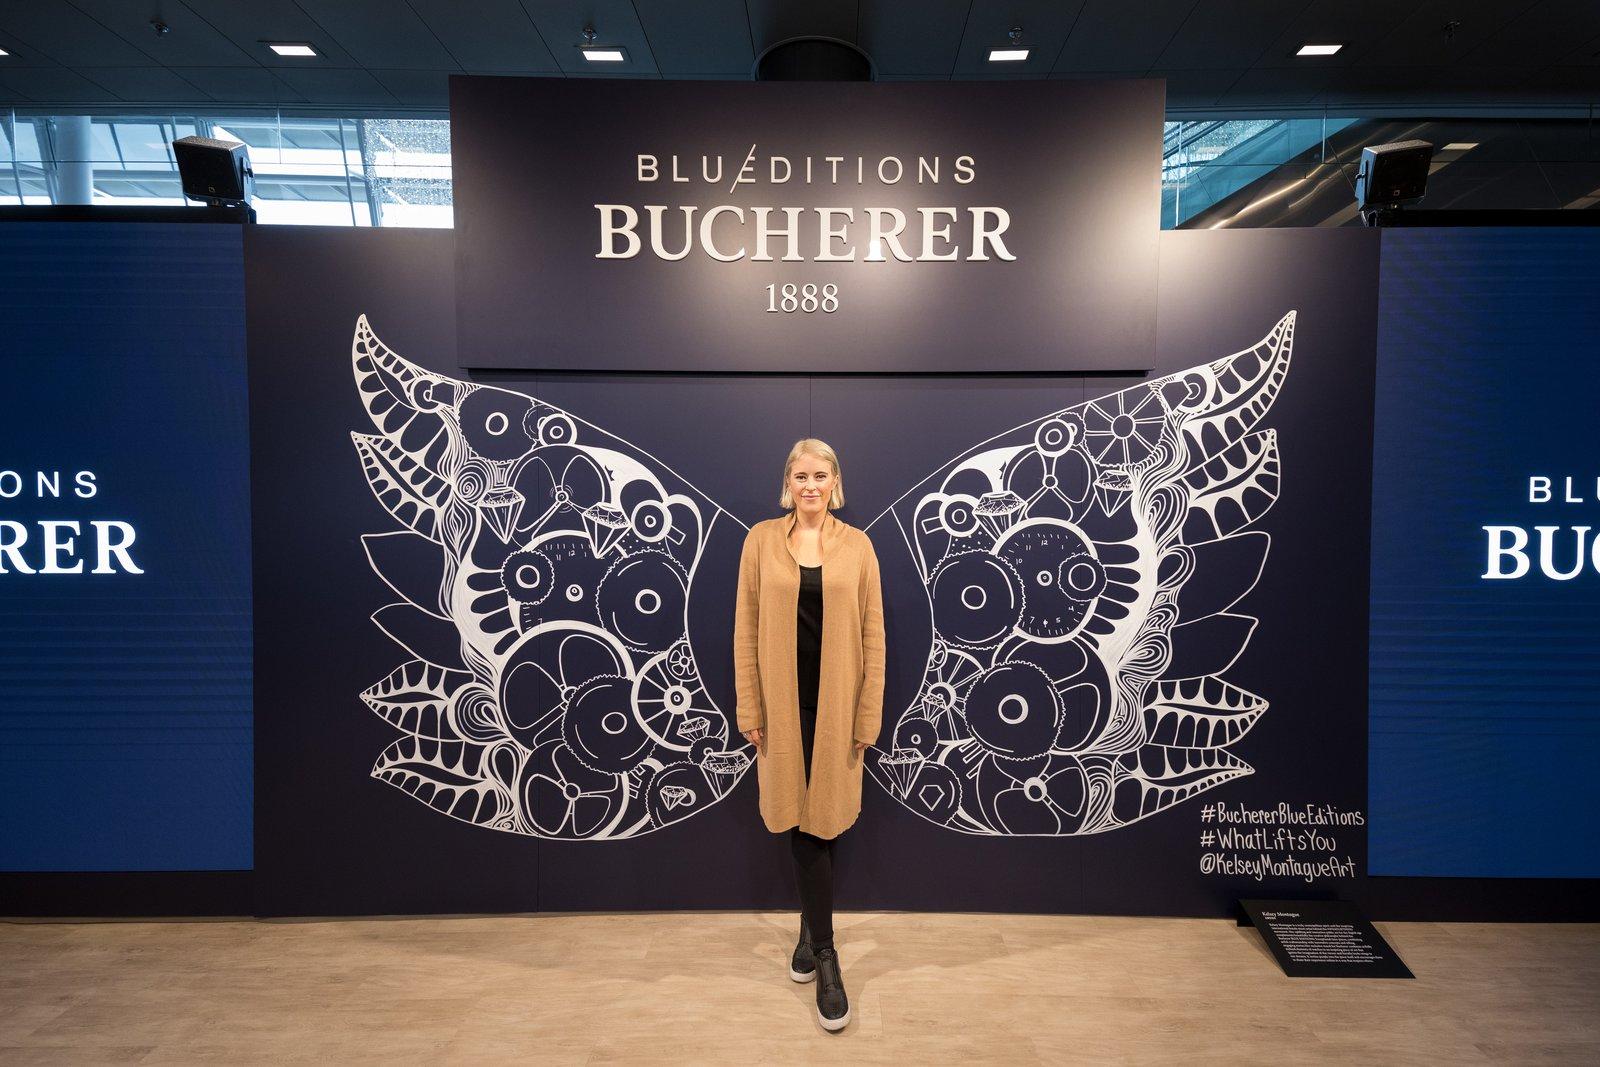 Roger Dubuis Aventador Bucherer